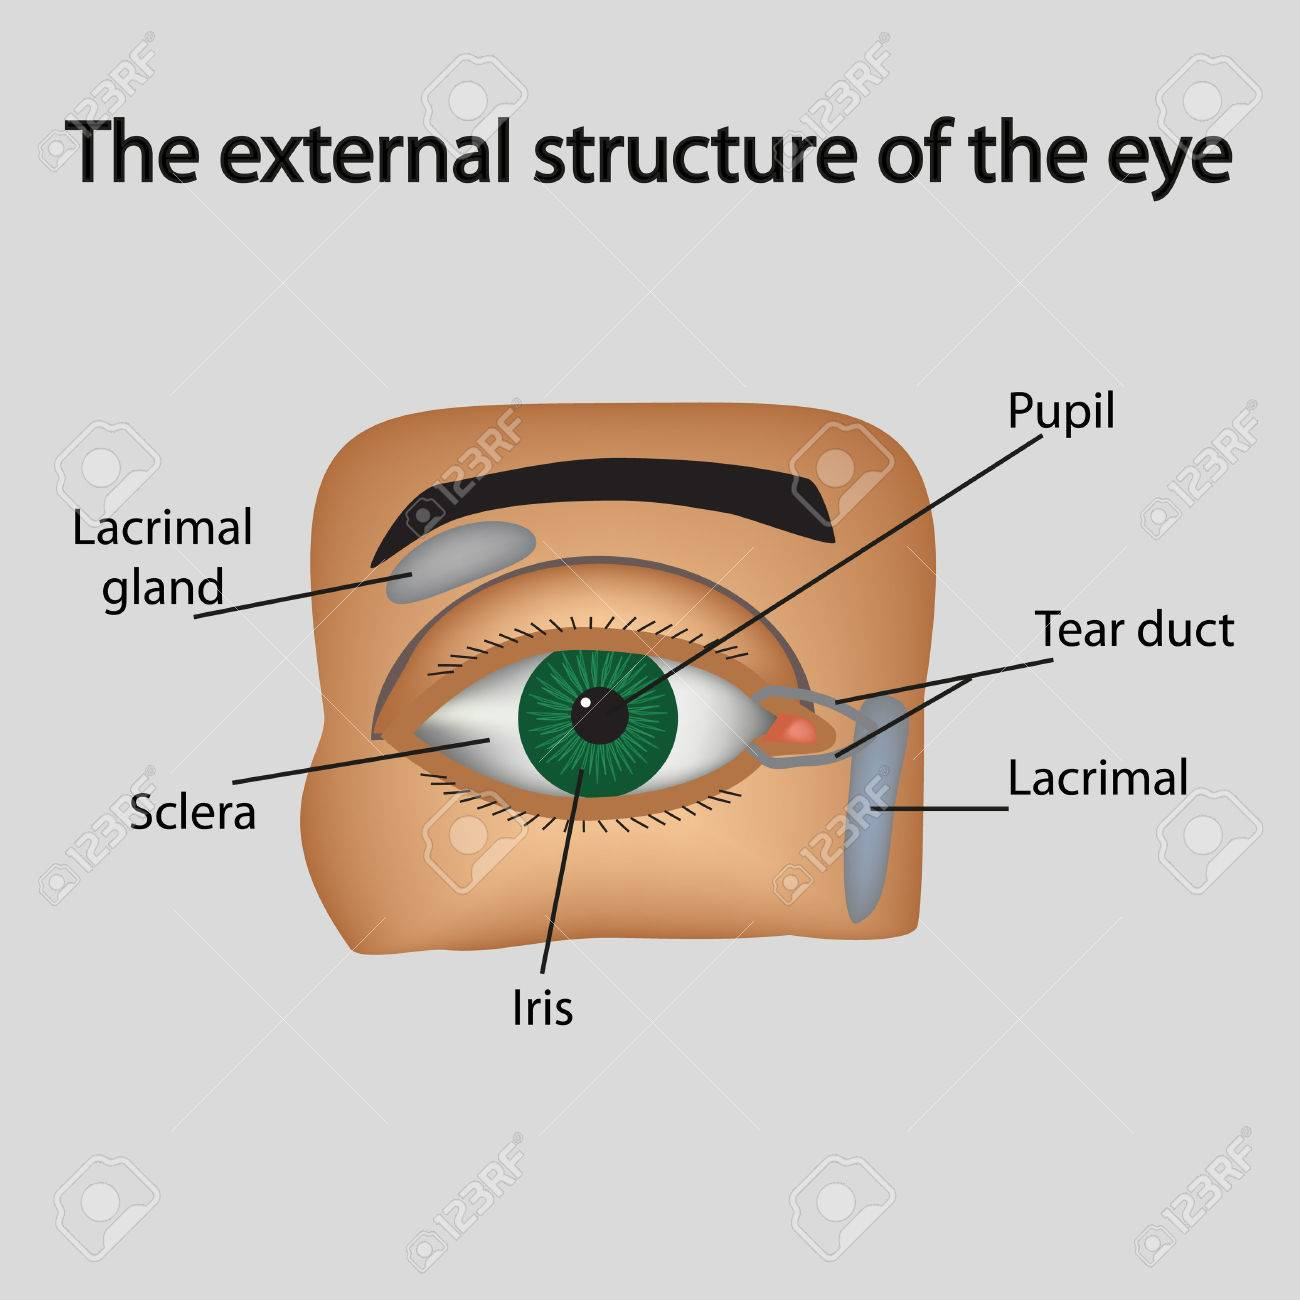 Die äußere Struktur Des Auges. Vektor-Illustration. Lizenzfrei ...